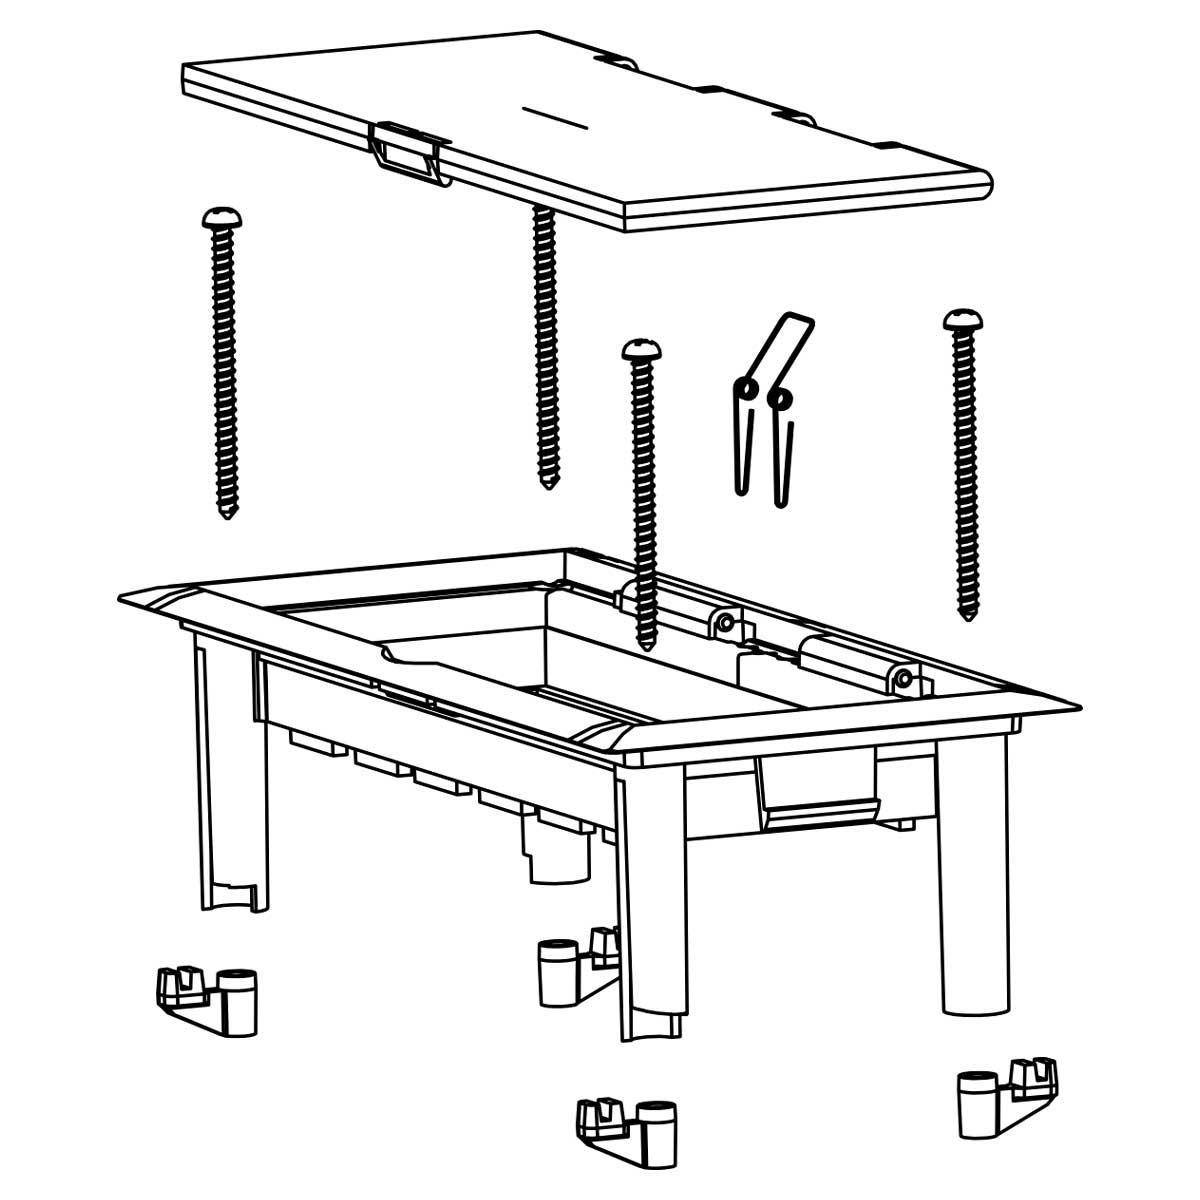 Коробка для приладів в кабель-канали серії РК, біла; 175x80x50 мм